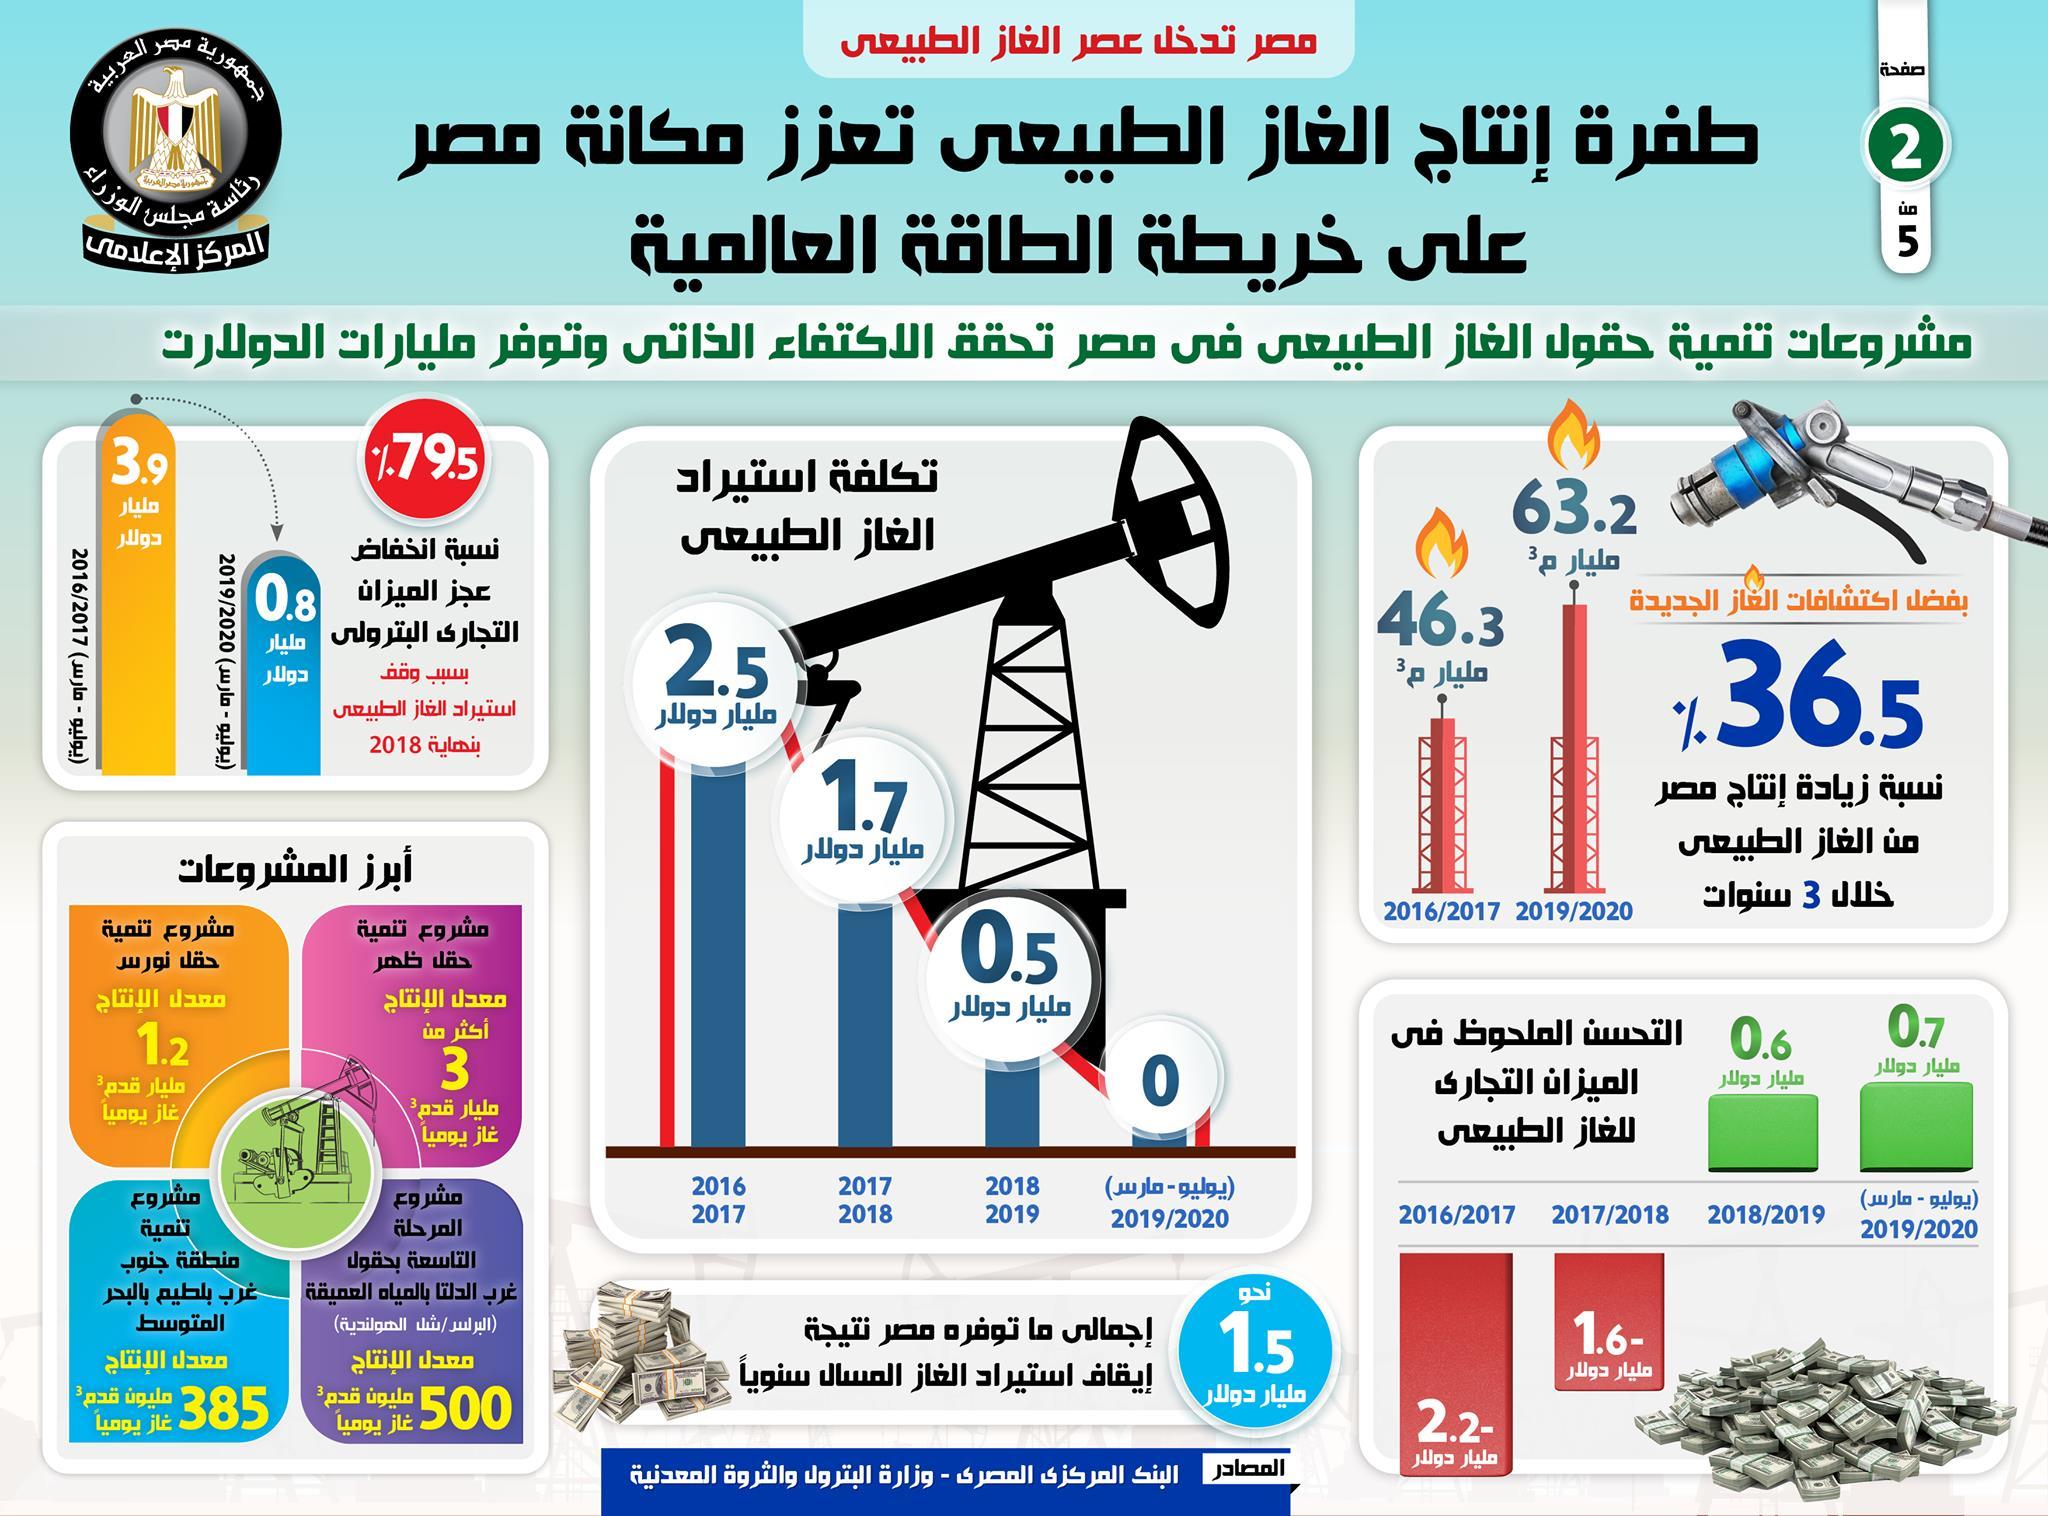 مصر تدخل عصر الغاز الطبيعي بالإنفوجراف طفرة إنتاج الغاز الطبيعي تعزز مكانة مصر على خريطة الطاقة العالمية